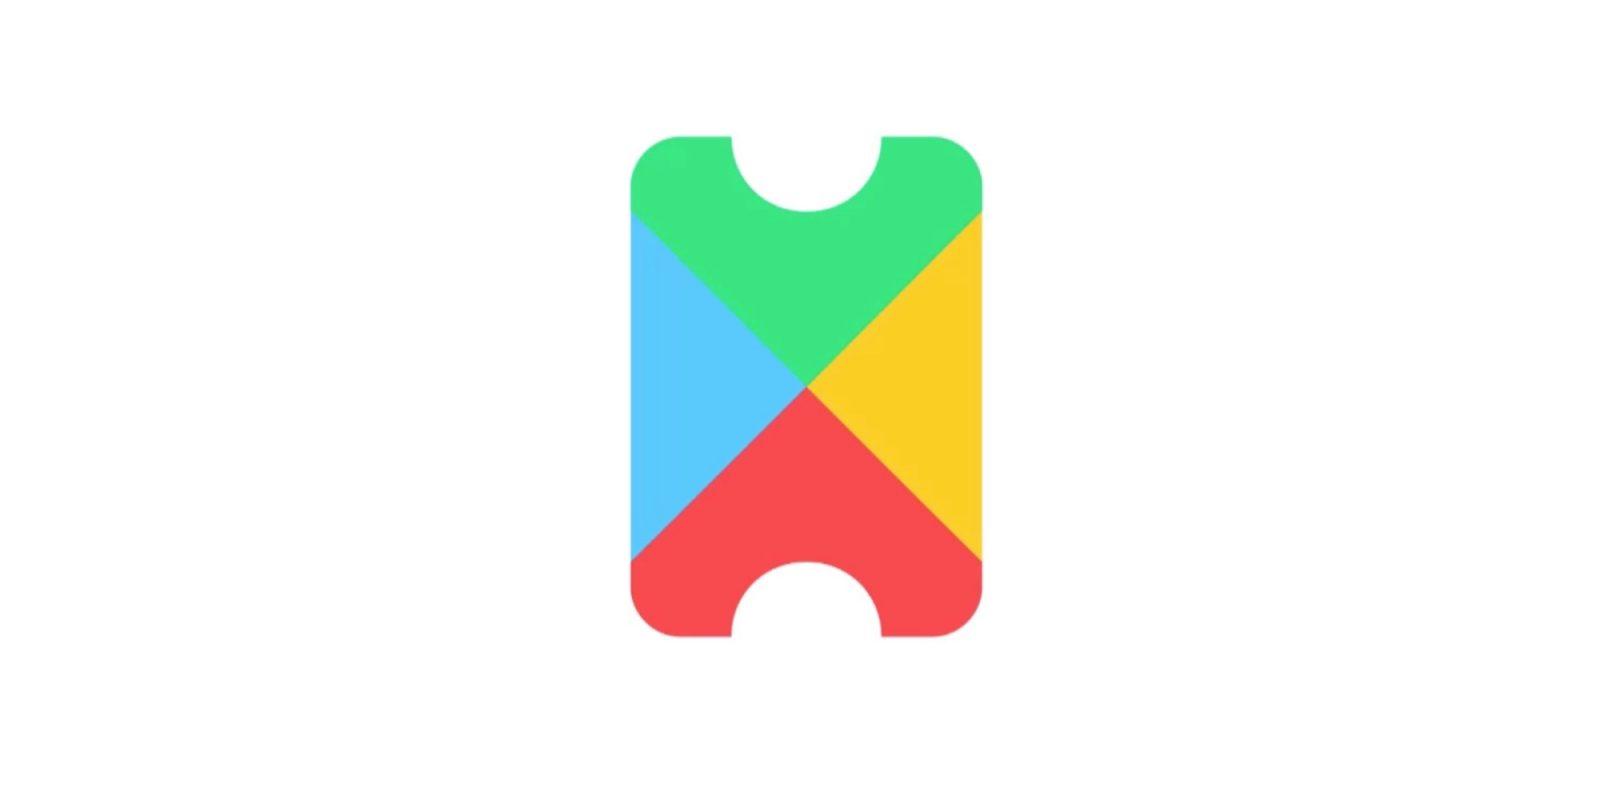 جوجل تعلن اقتراب إطلاق خدمة اشتراكات الألعاب Play Pass